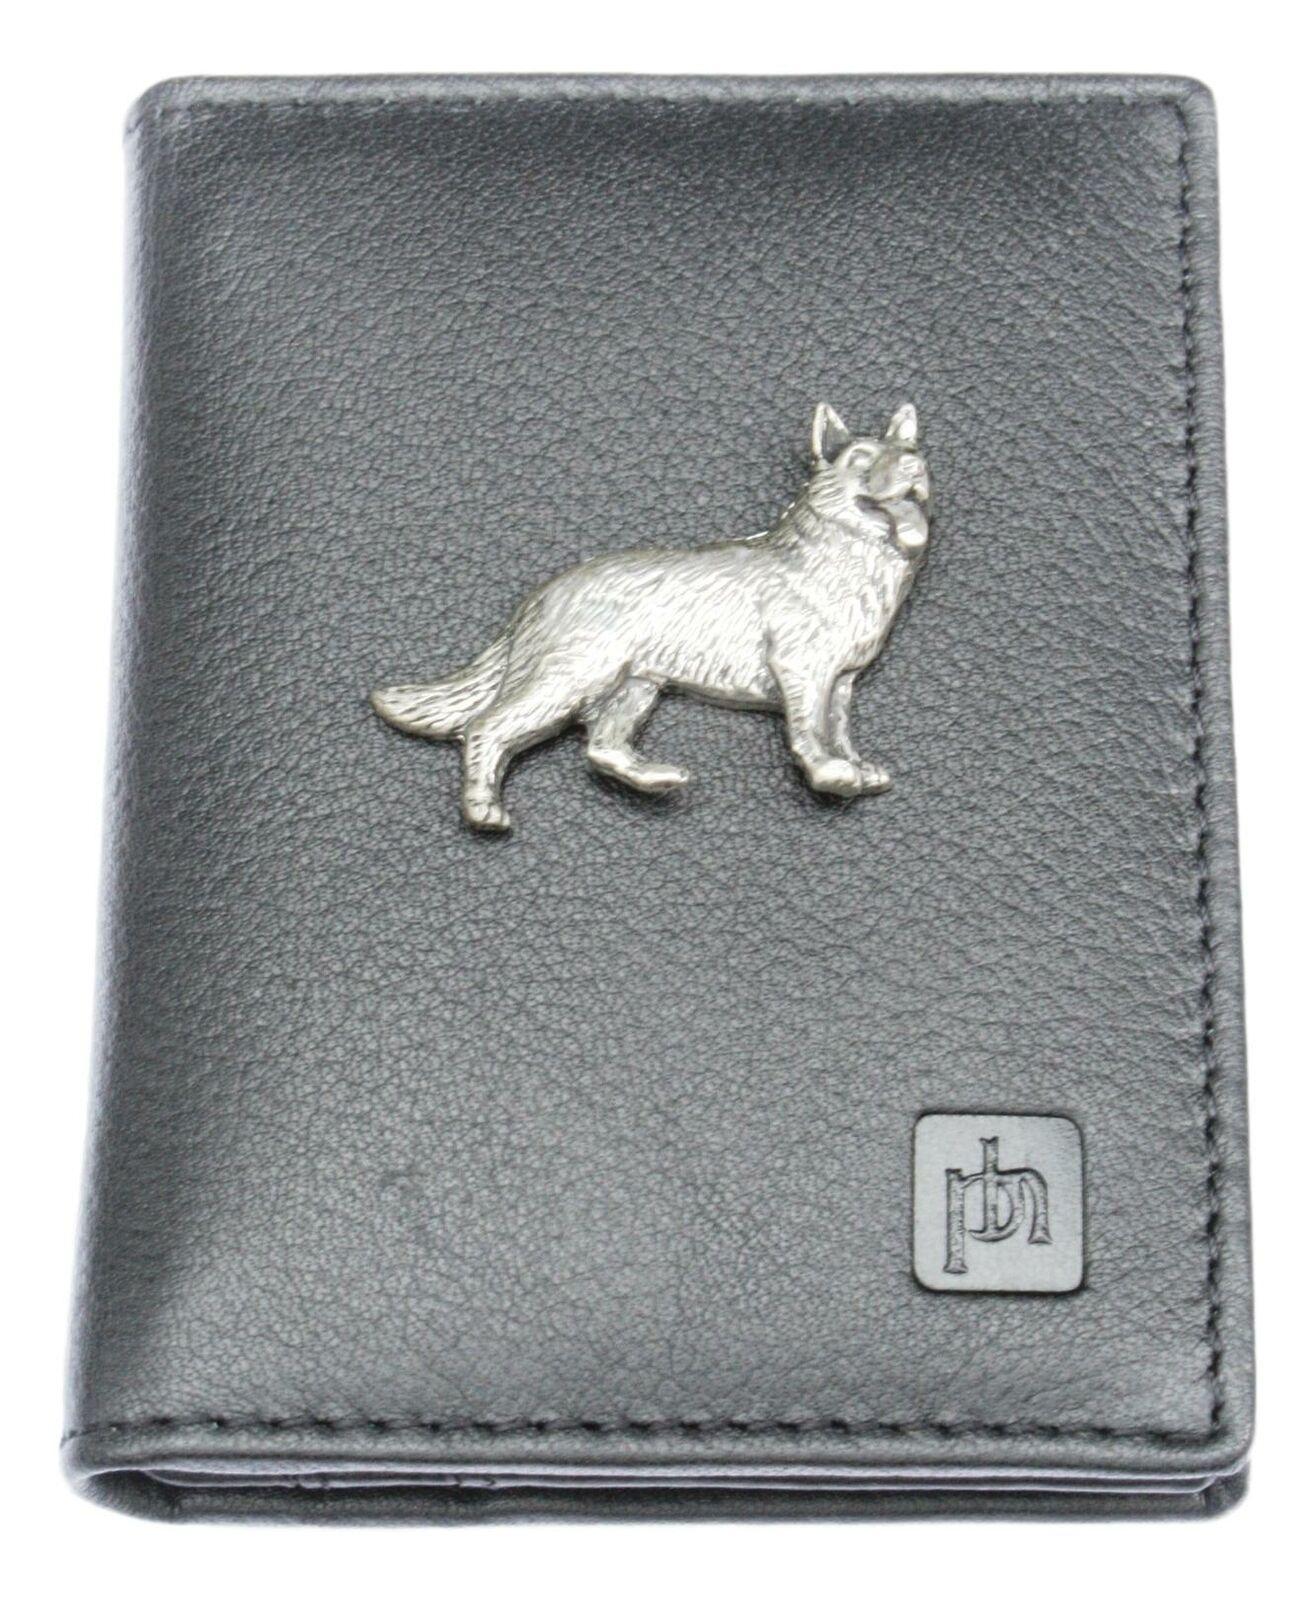 Alsatian Bifold Card Holder Leather Black Wallet RFID Safe 2